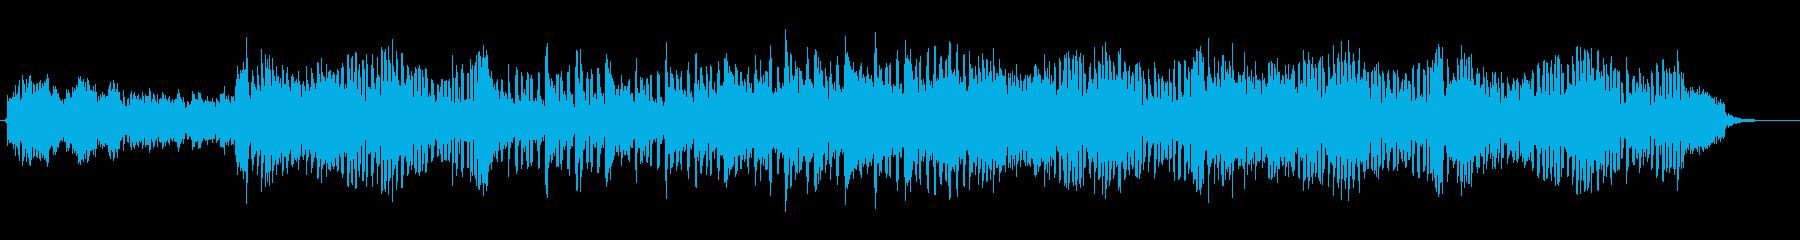 アコースティック・ポジティブ・お気楽Bの再生済みの波形